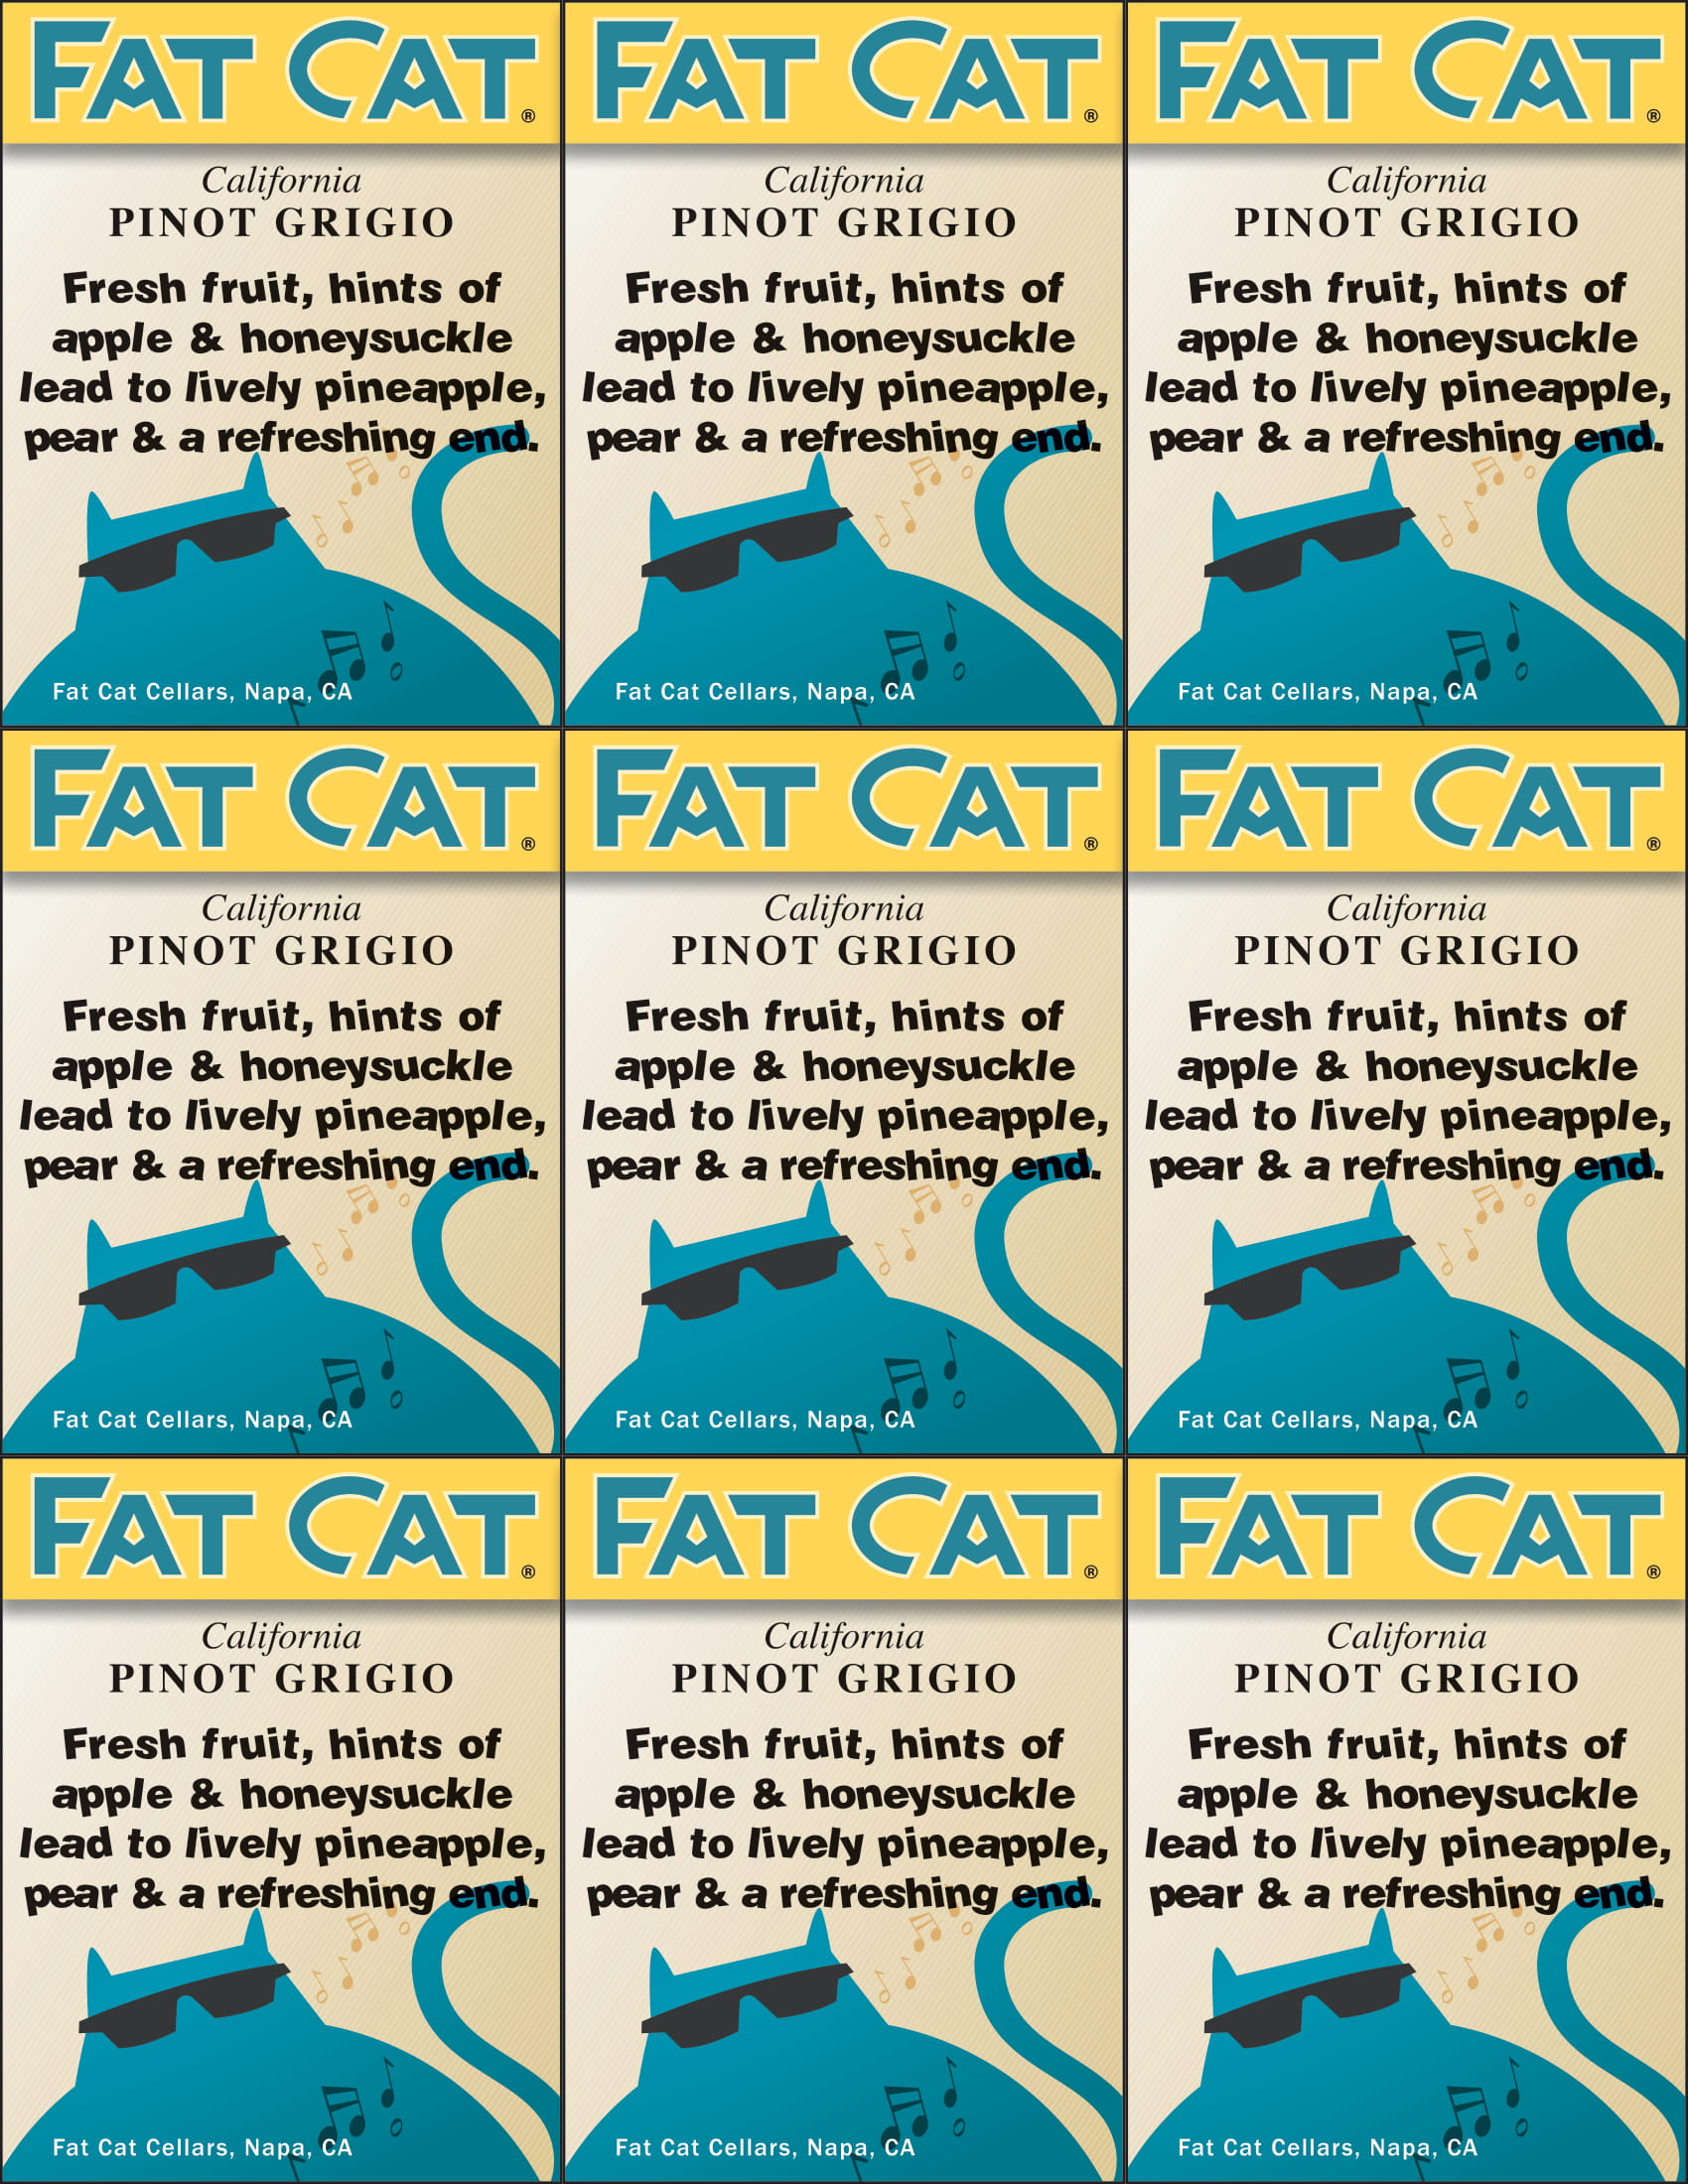 Fat Cat Pinot Grigio Shelf Talkers